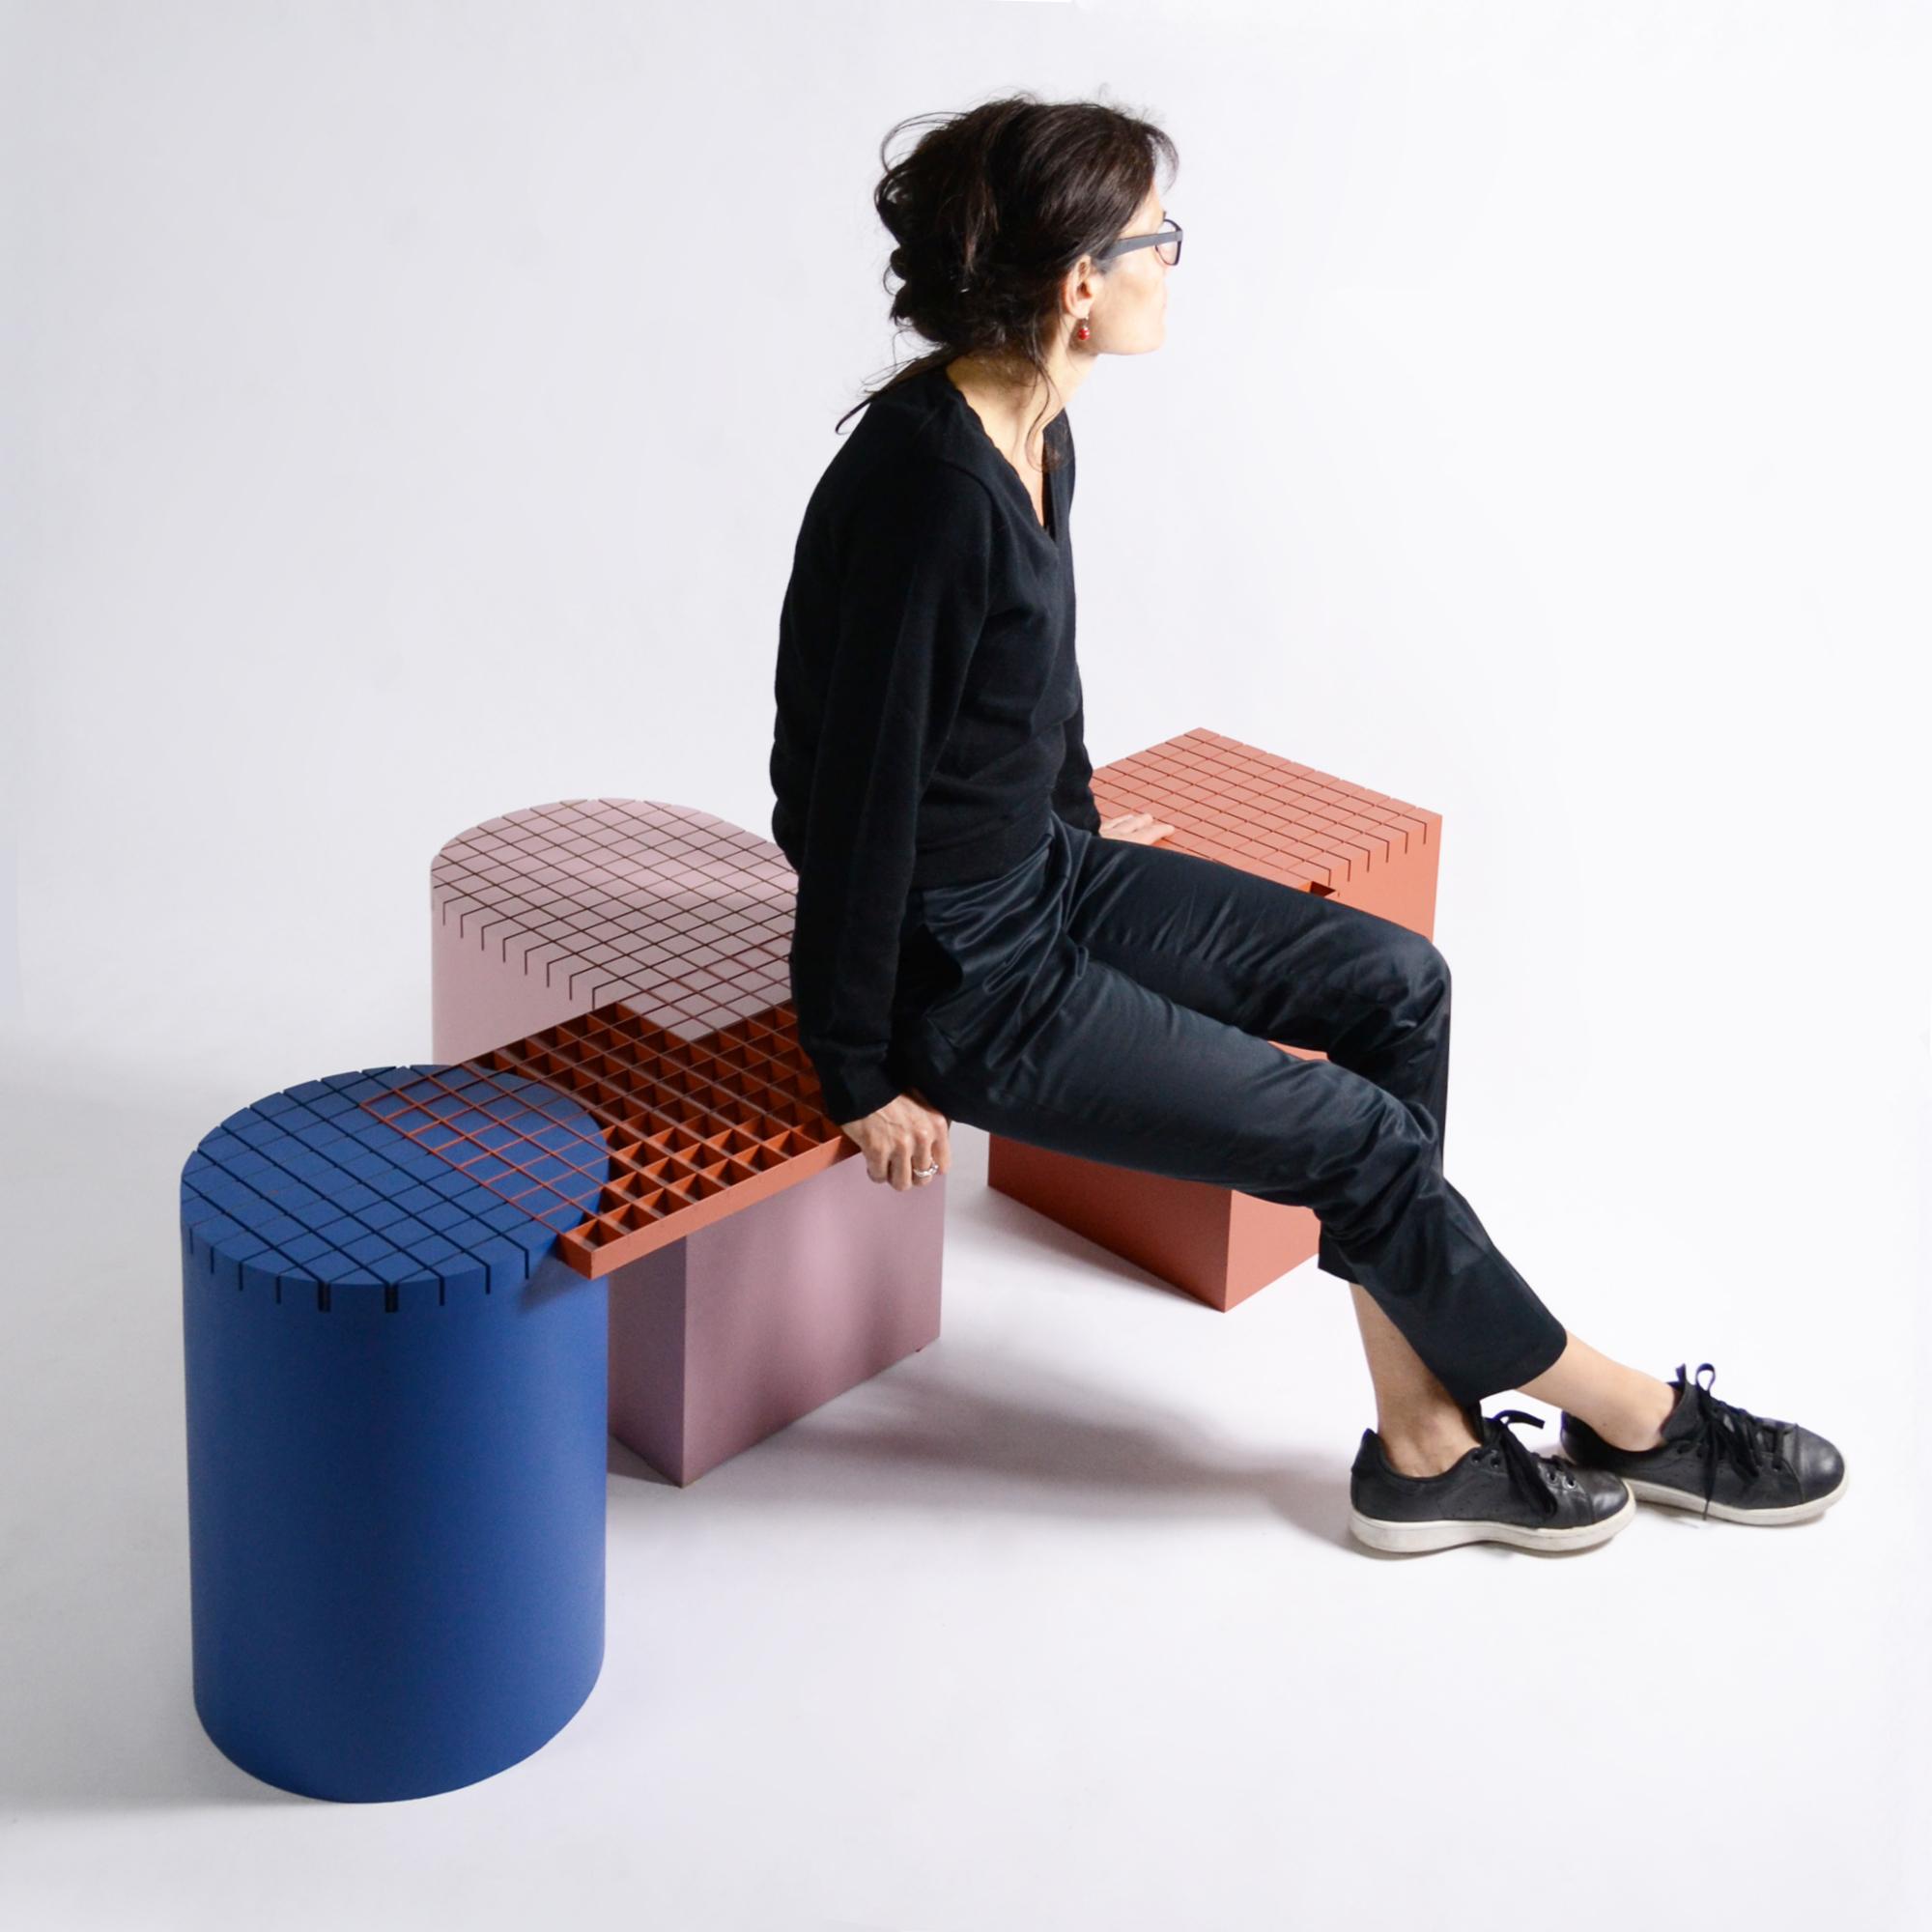 רהיטים לחיים עירוניים דינמיים